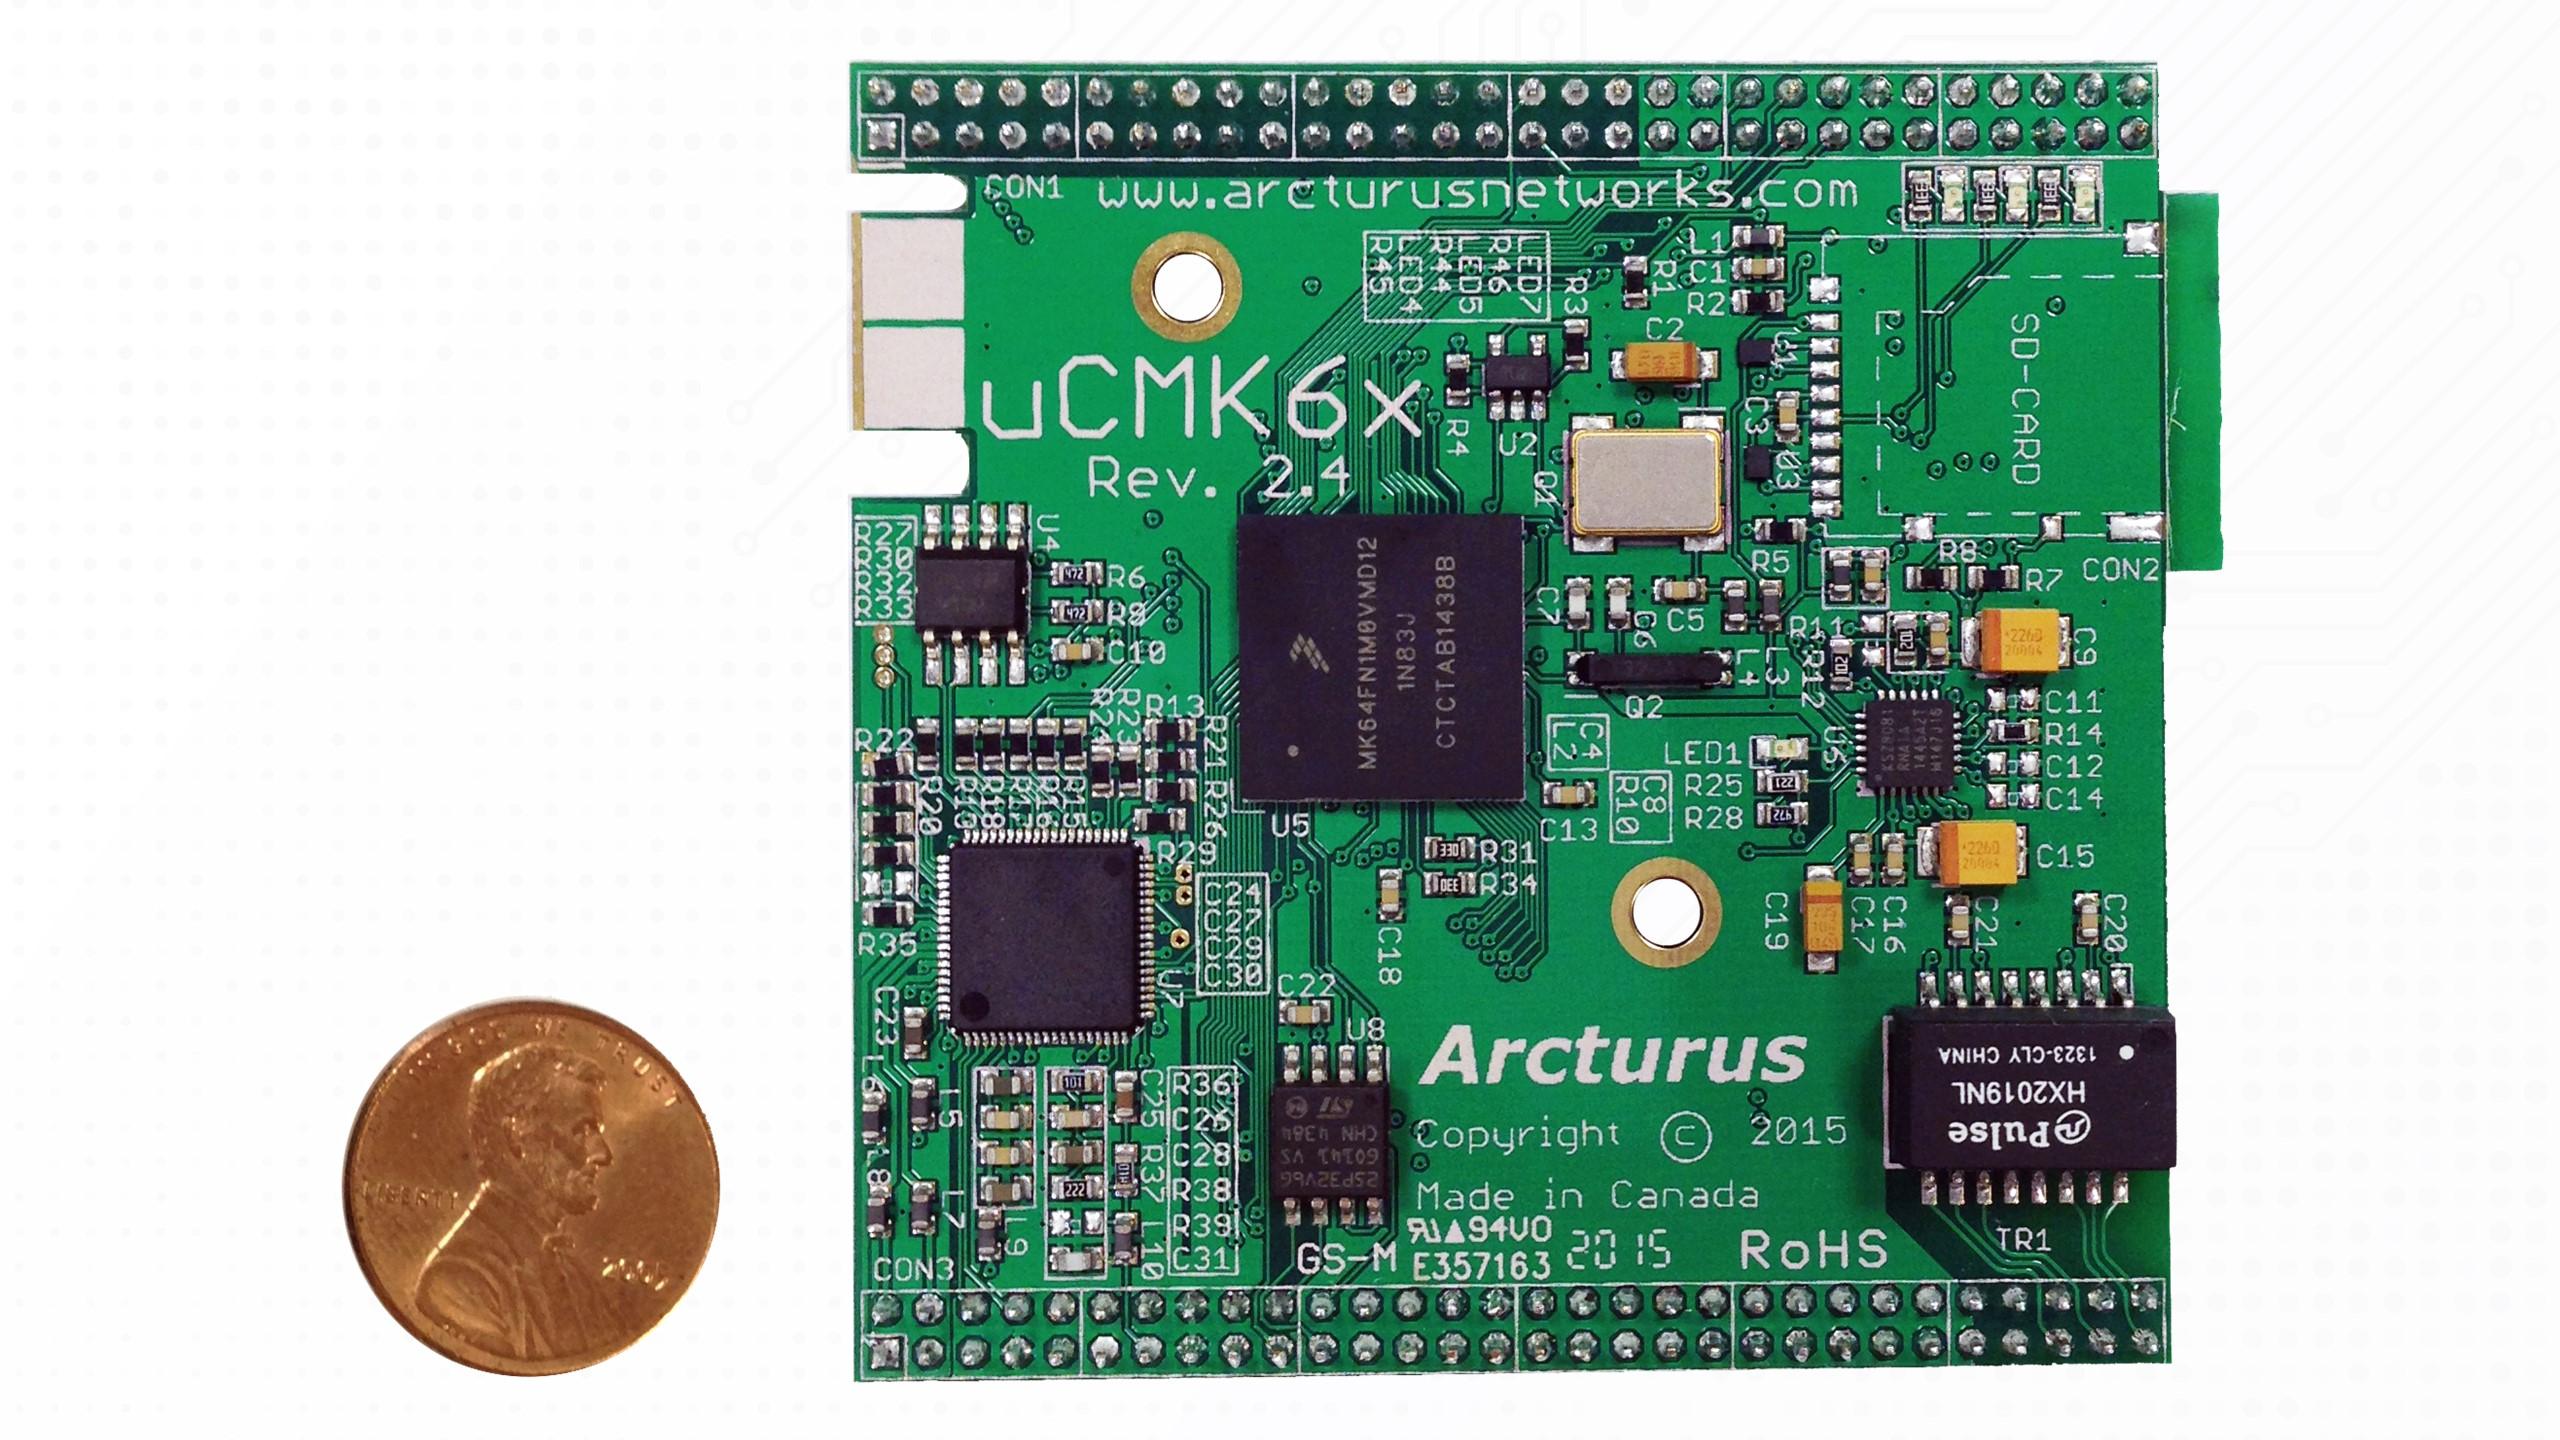 uCMK64-IoT Module Top